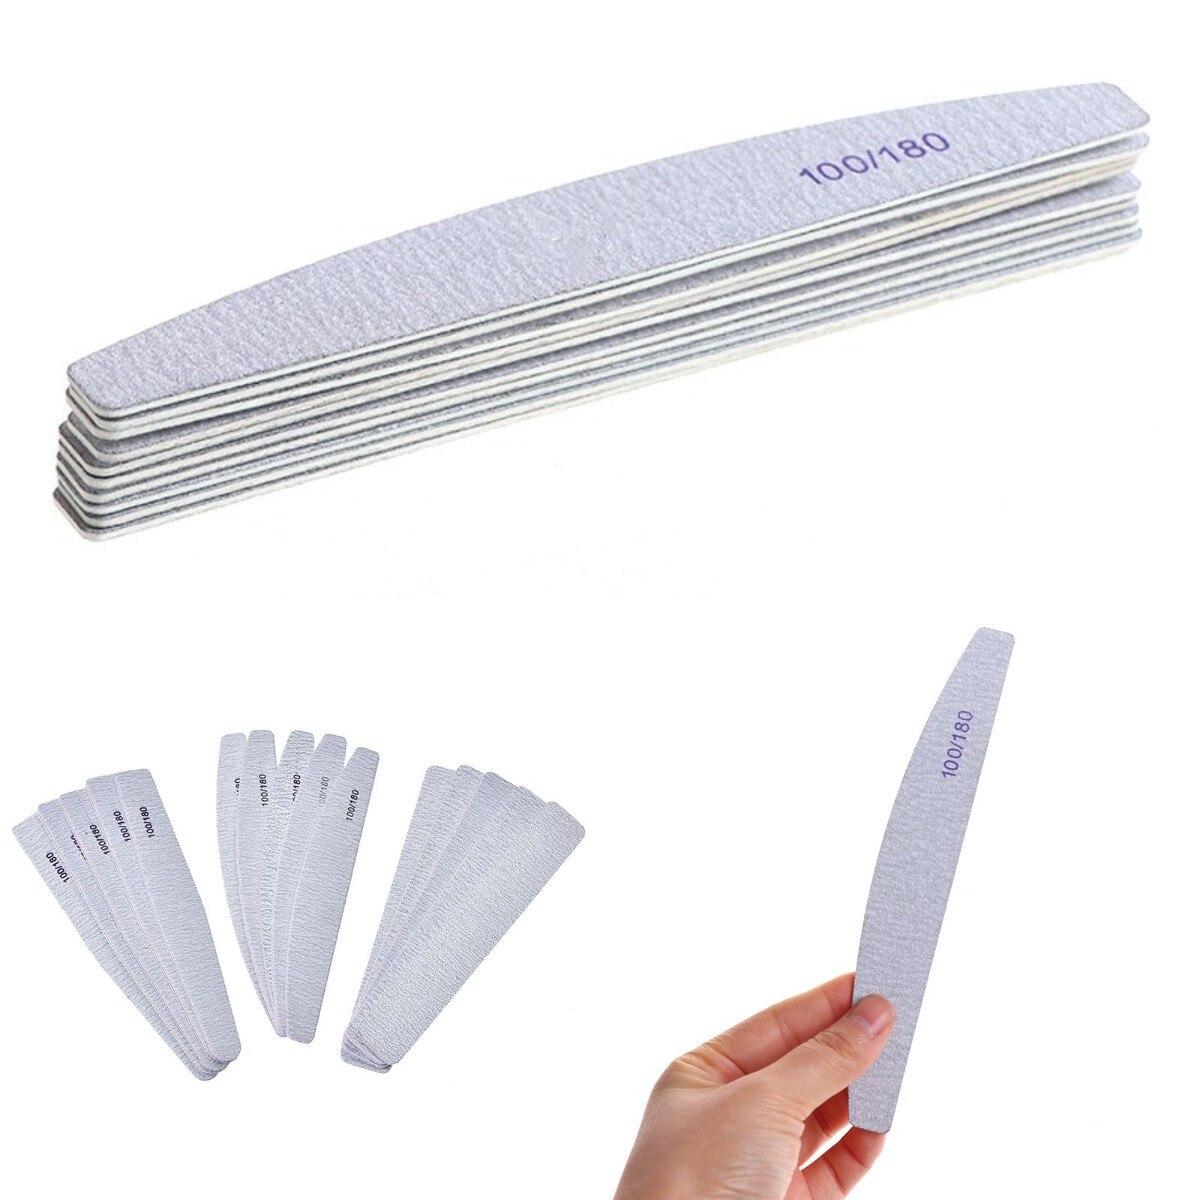 1/10 шт. профессиональная 100/180 деревянная пилка для ногтей, буфер для ногтей, наждачная бумага, тонкий набор, баф для ногтей, деревянные пилки д...